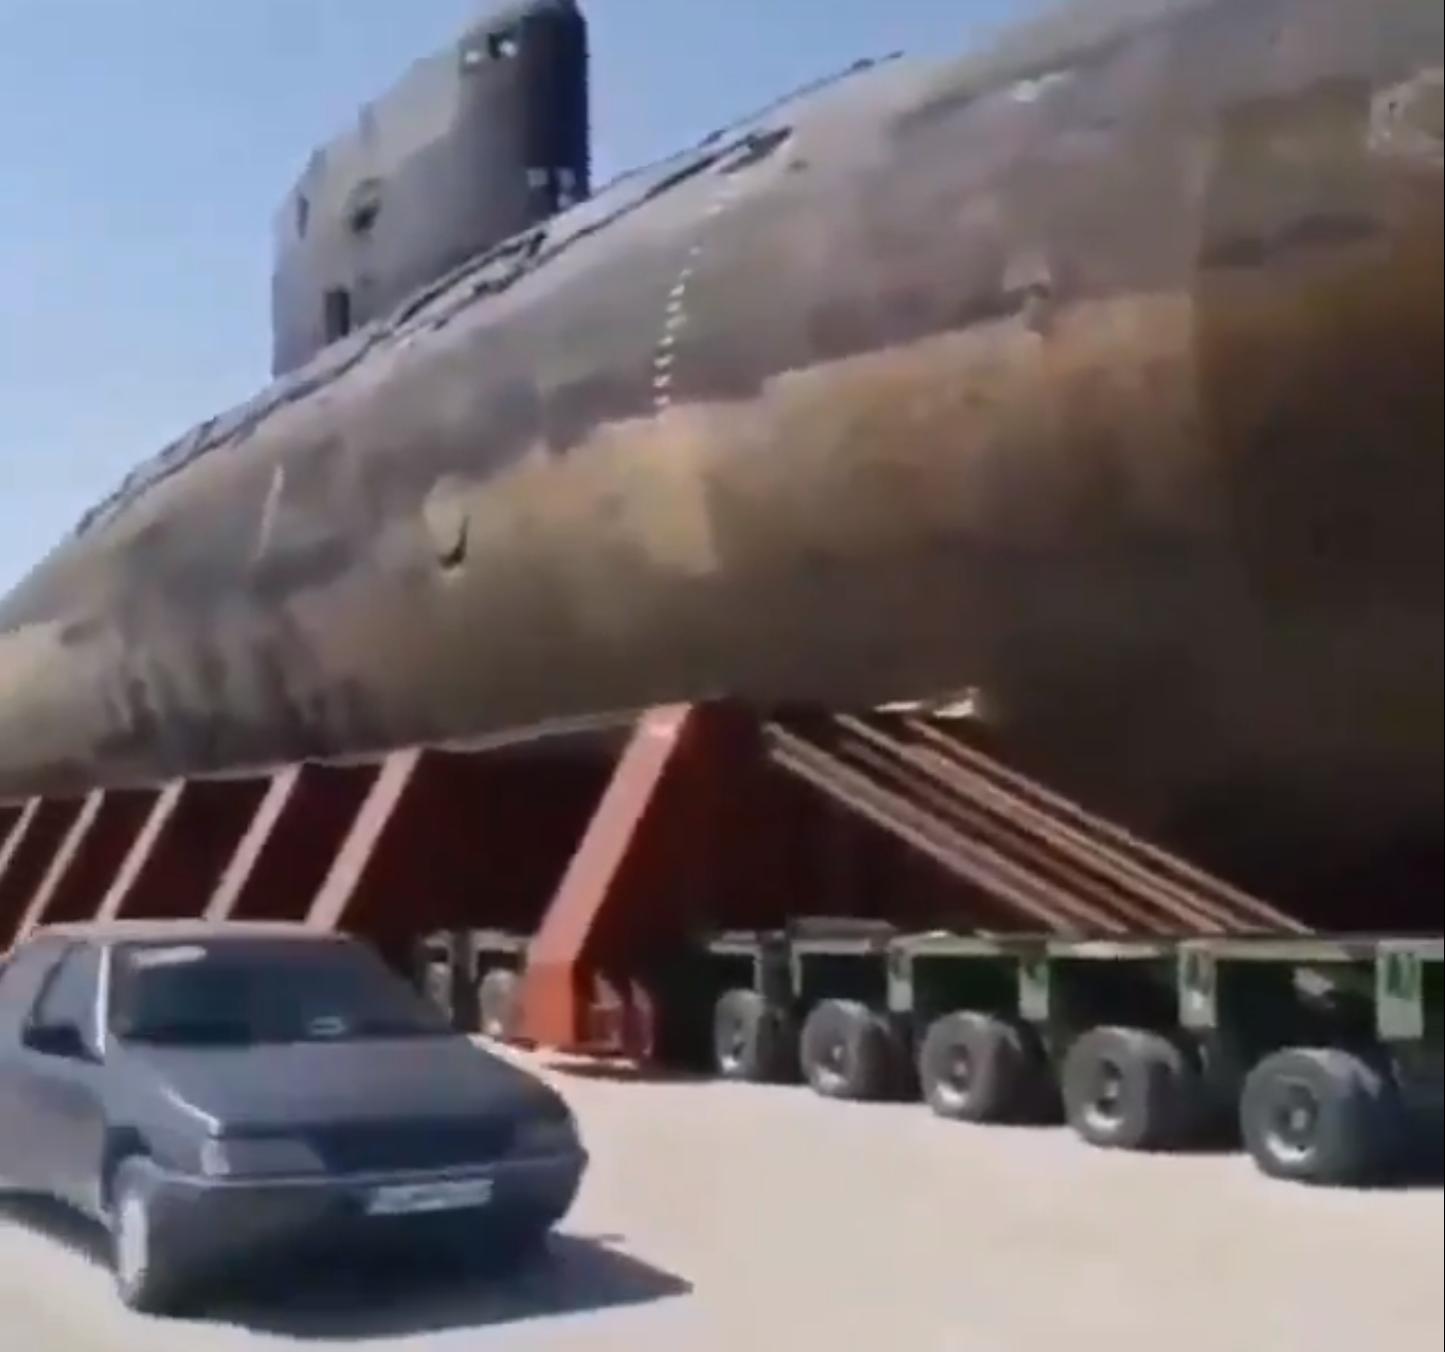 伊朗公路惊现俄制基洛级潜艇 由重型卡车拖着前进